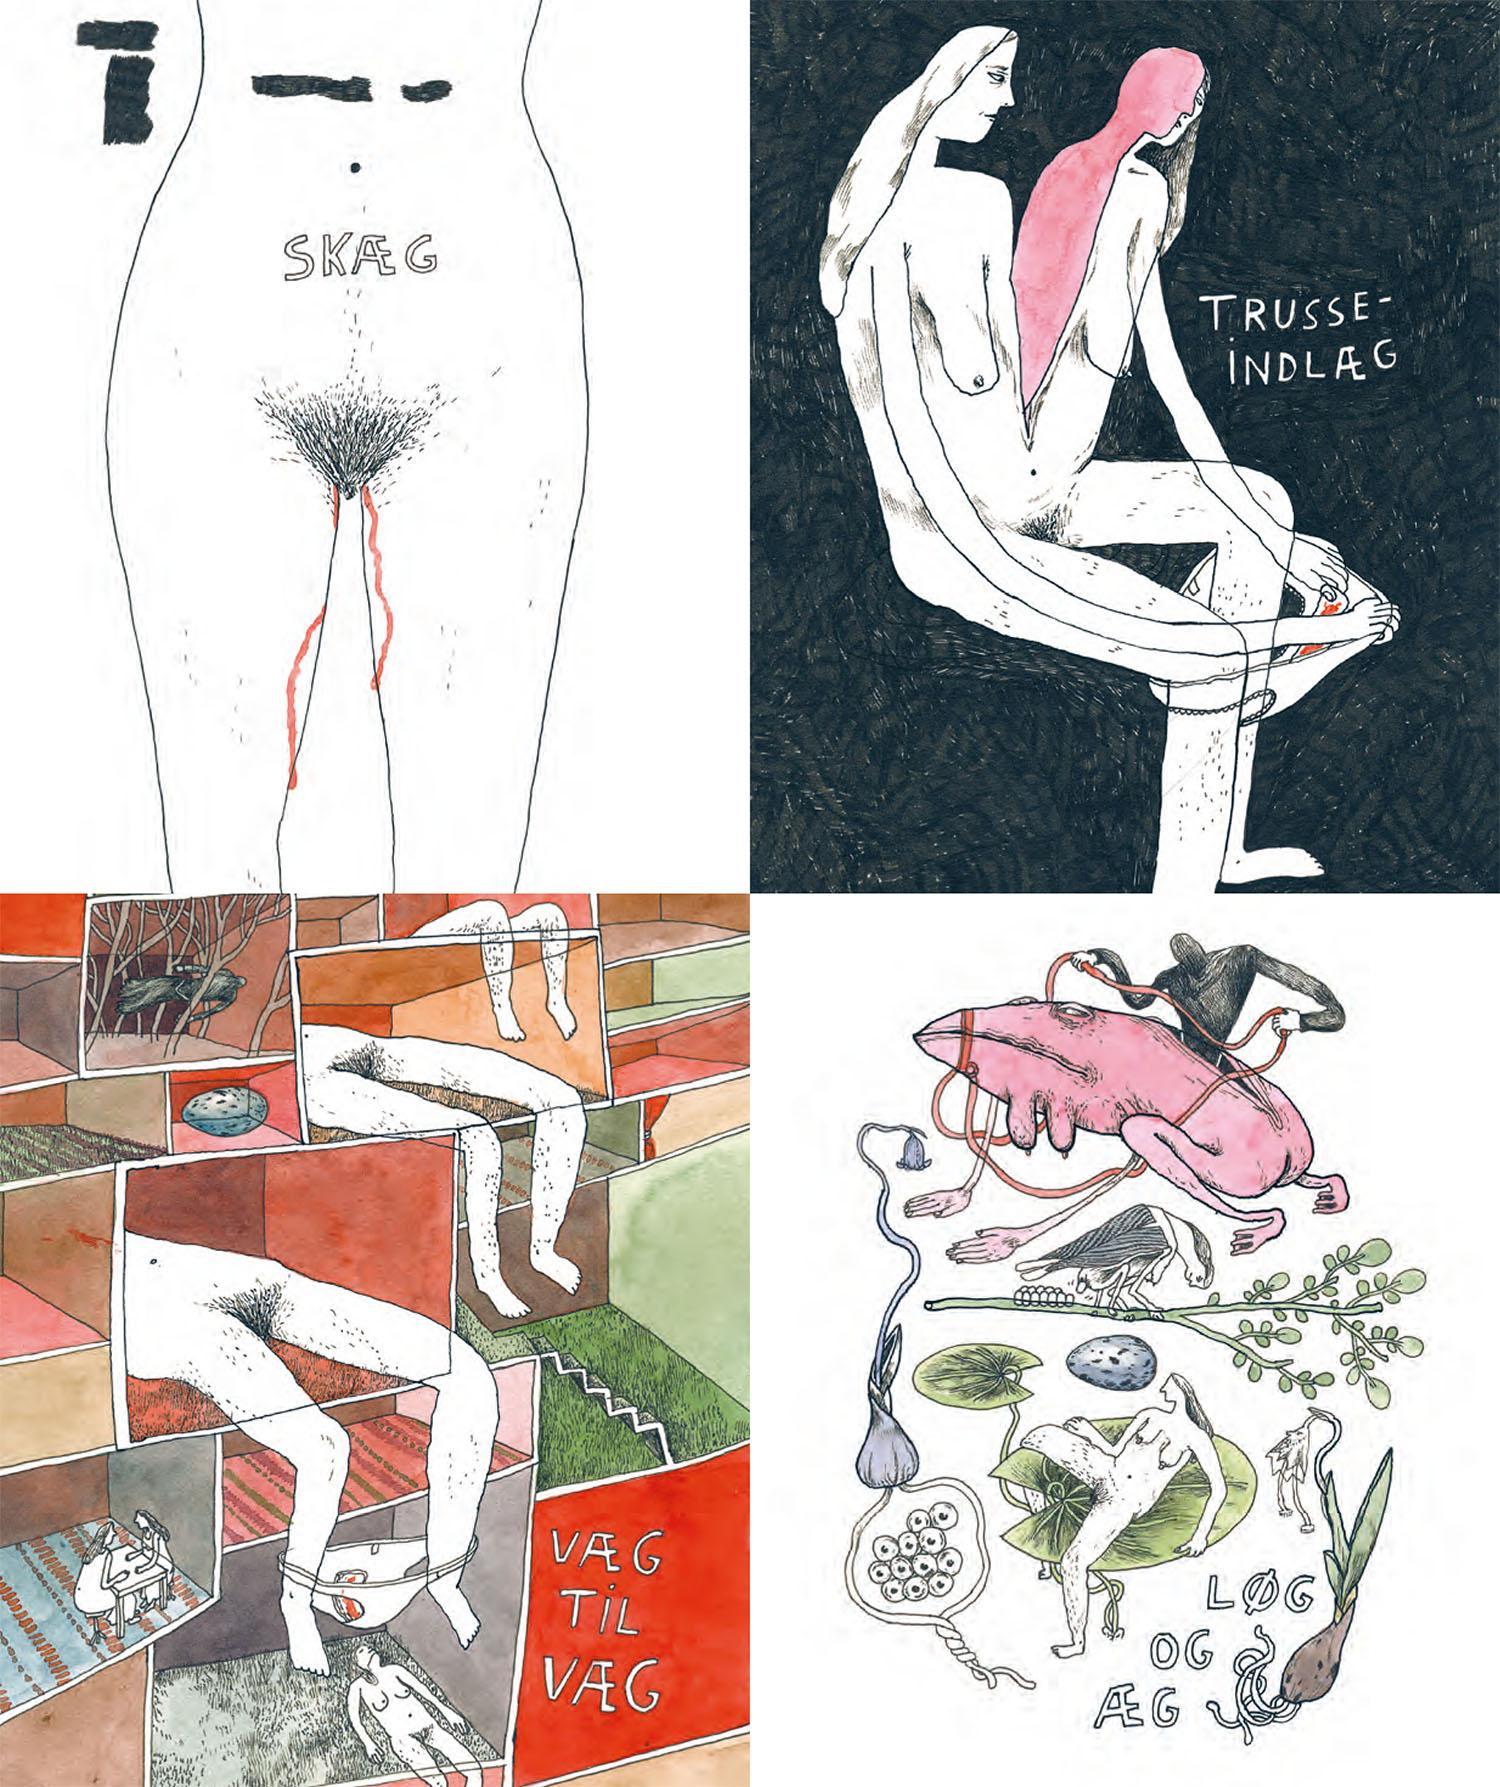 Tegneserier viser sex